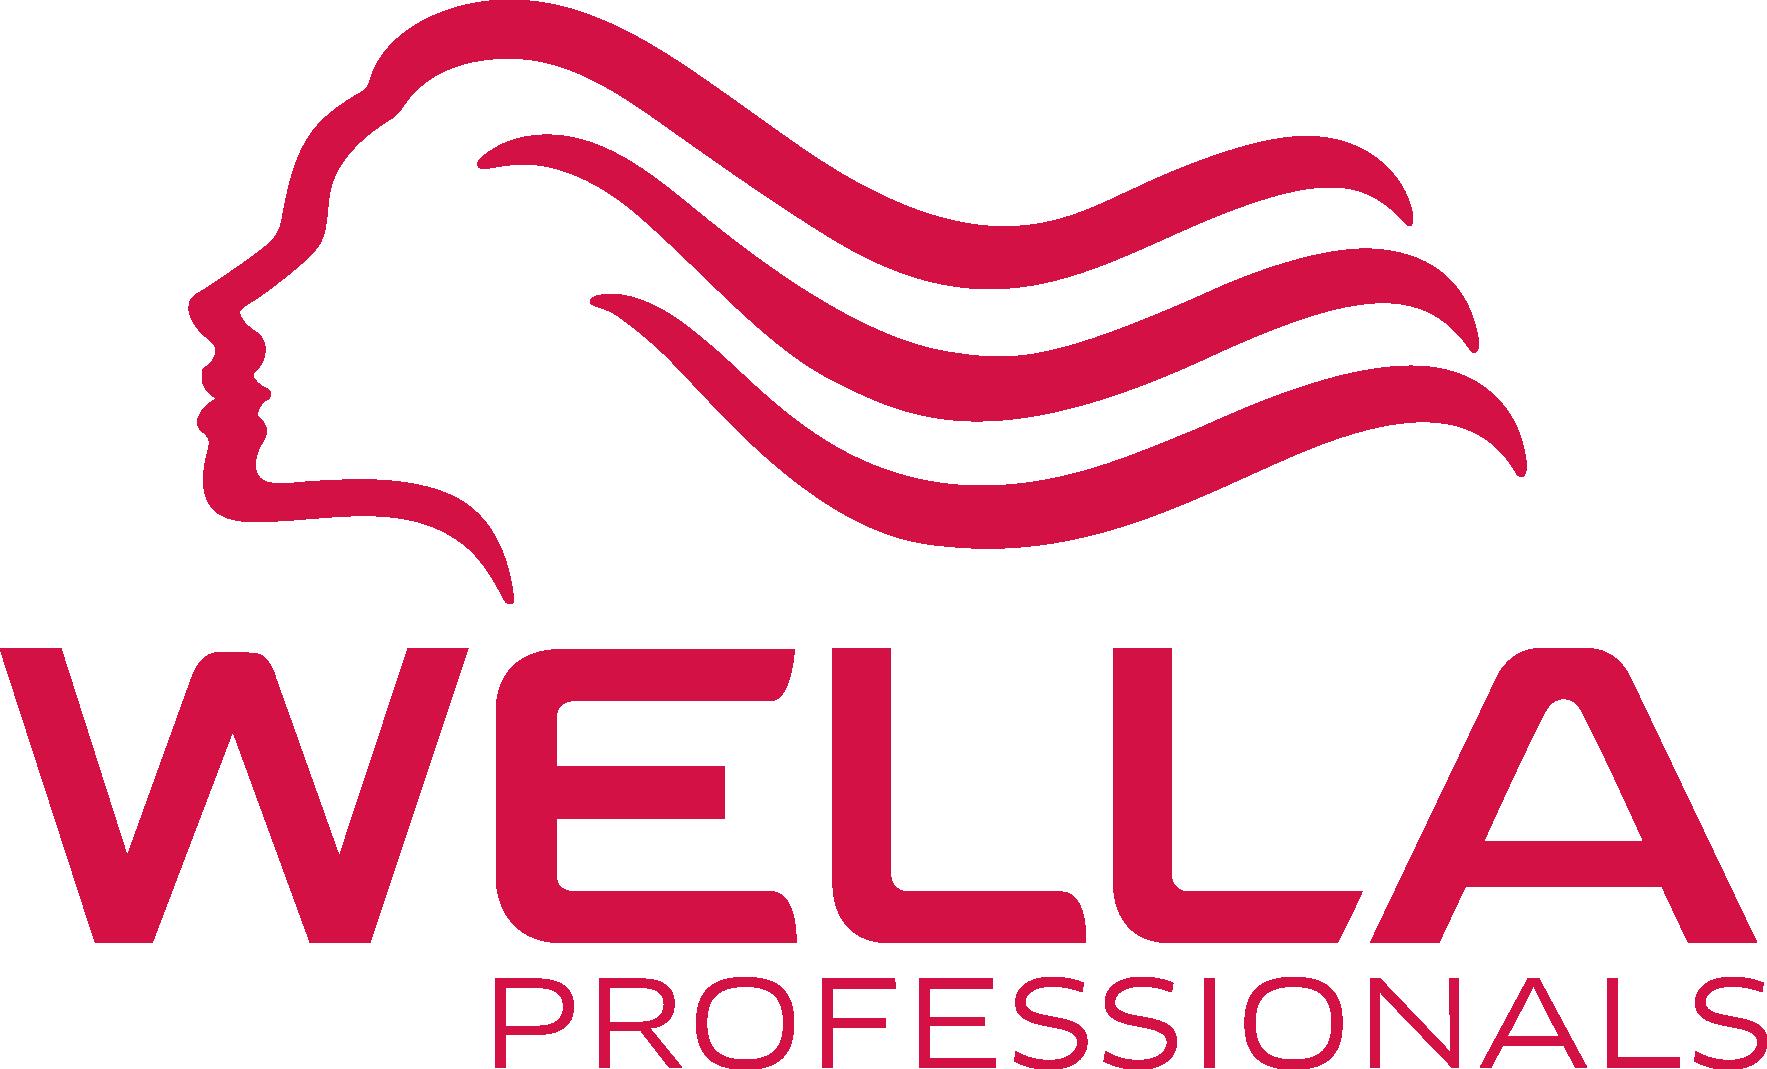 Wella Professionals.png